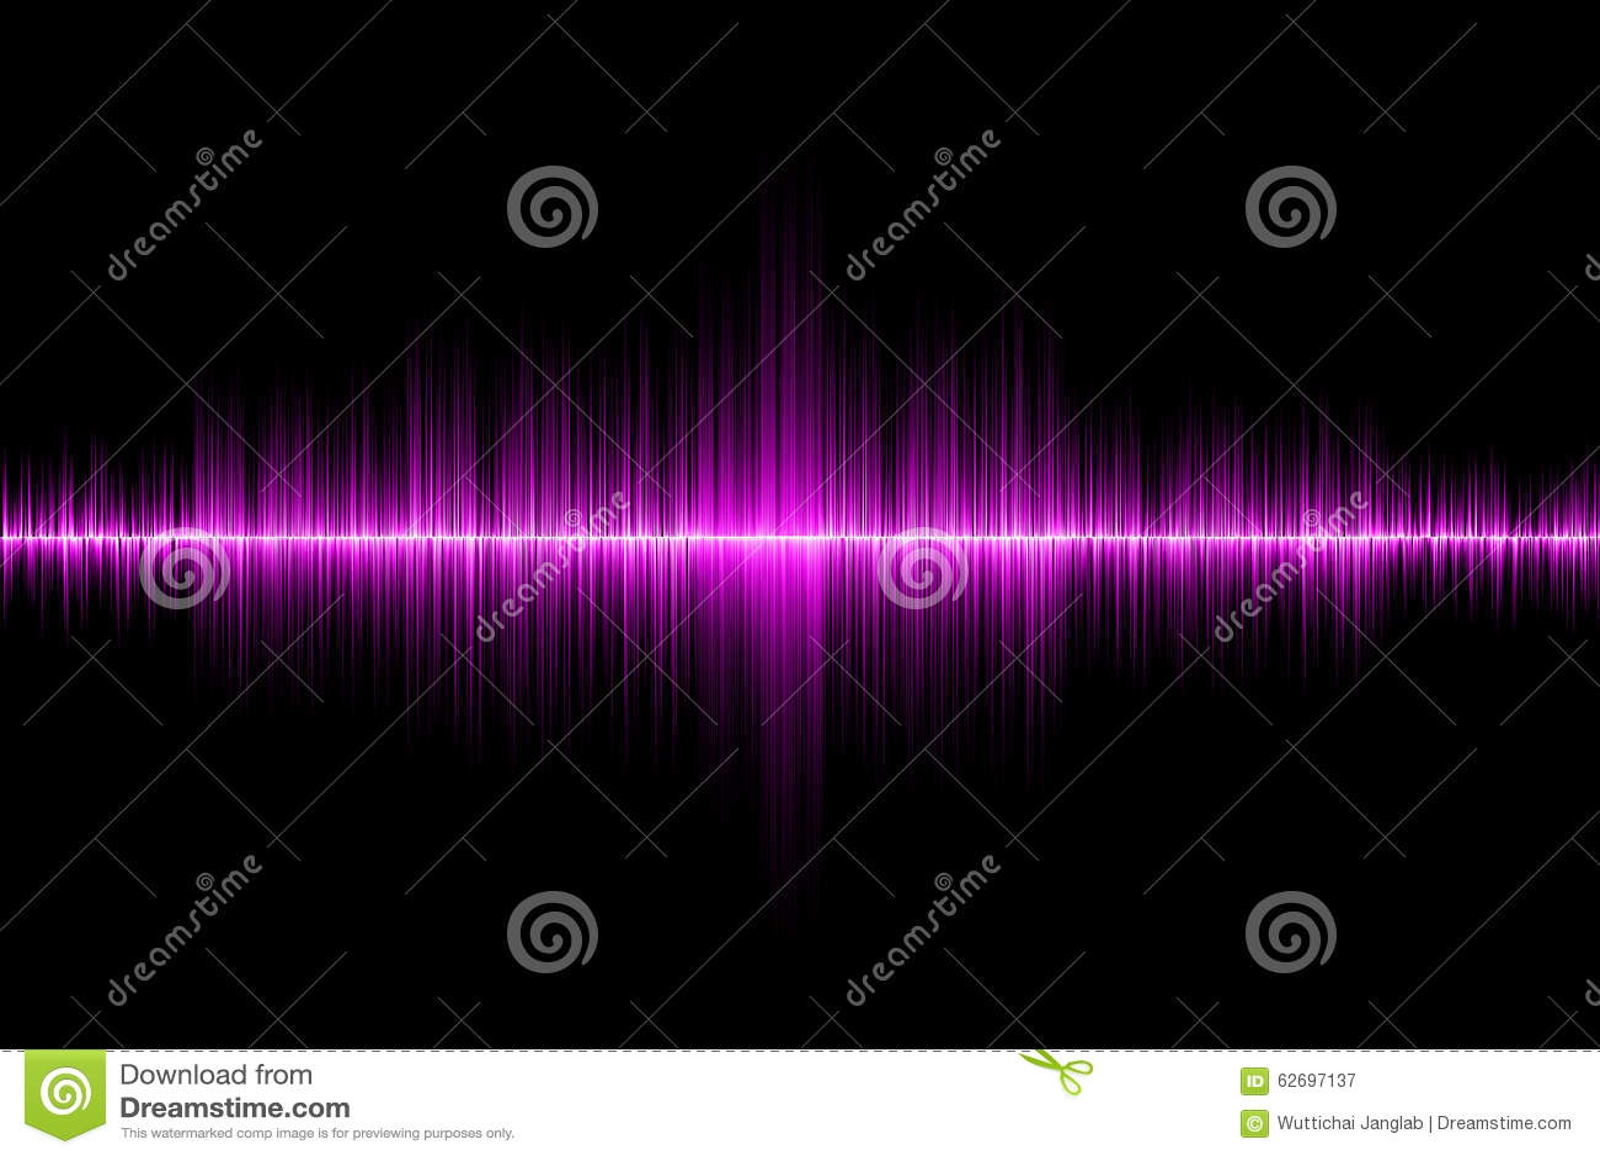 Fondo rosado de la onda acústica